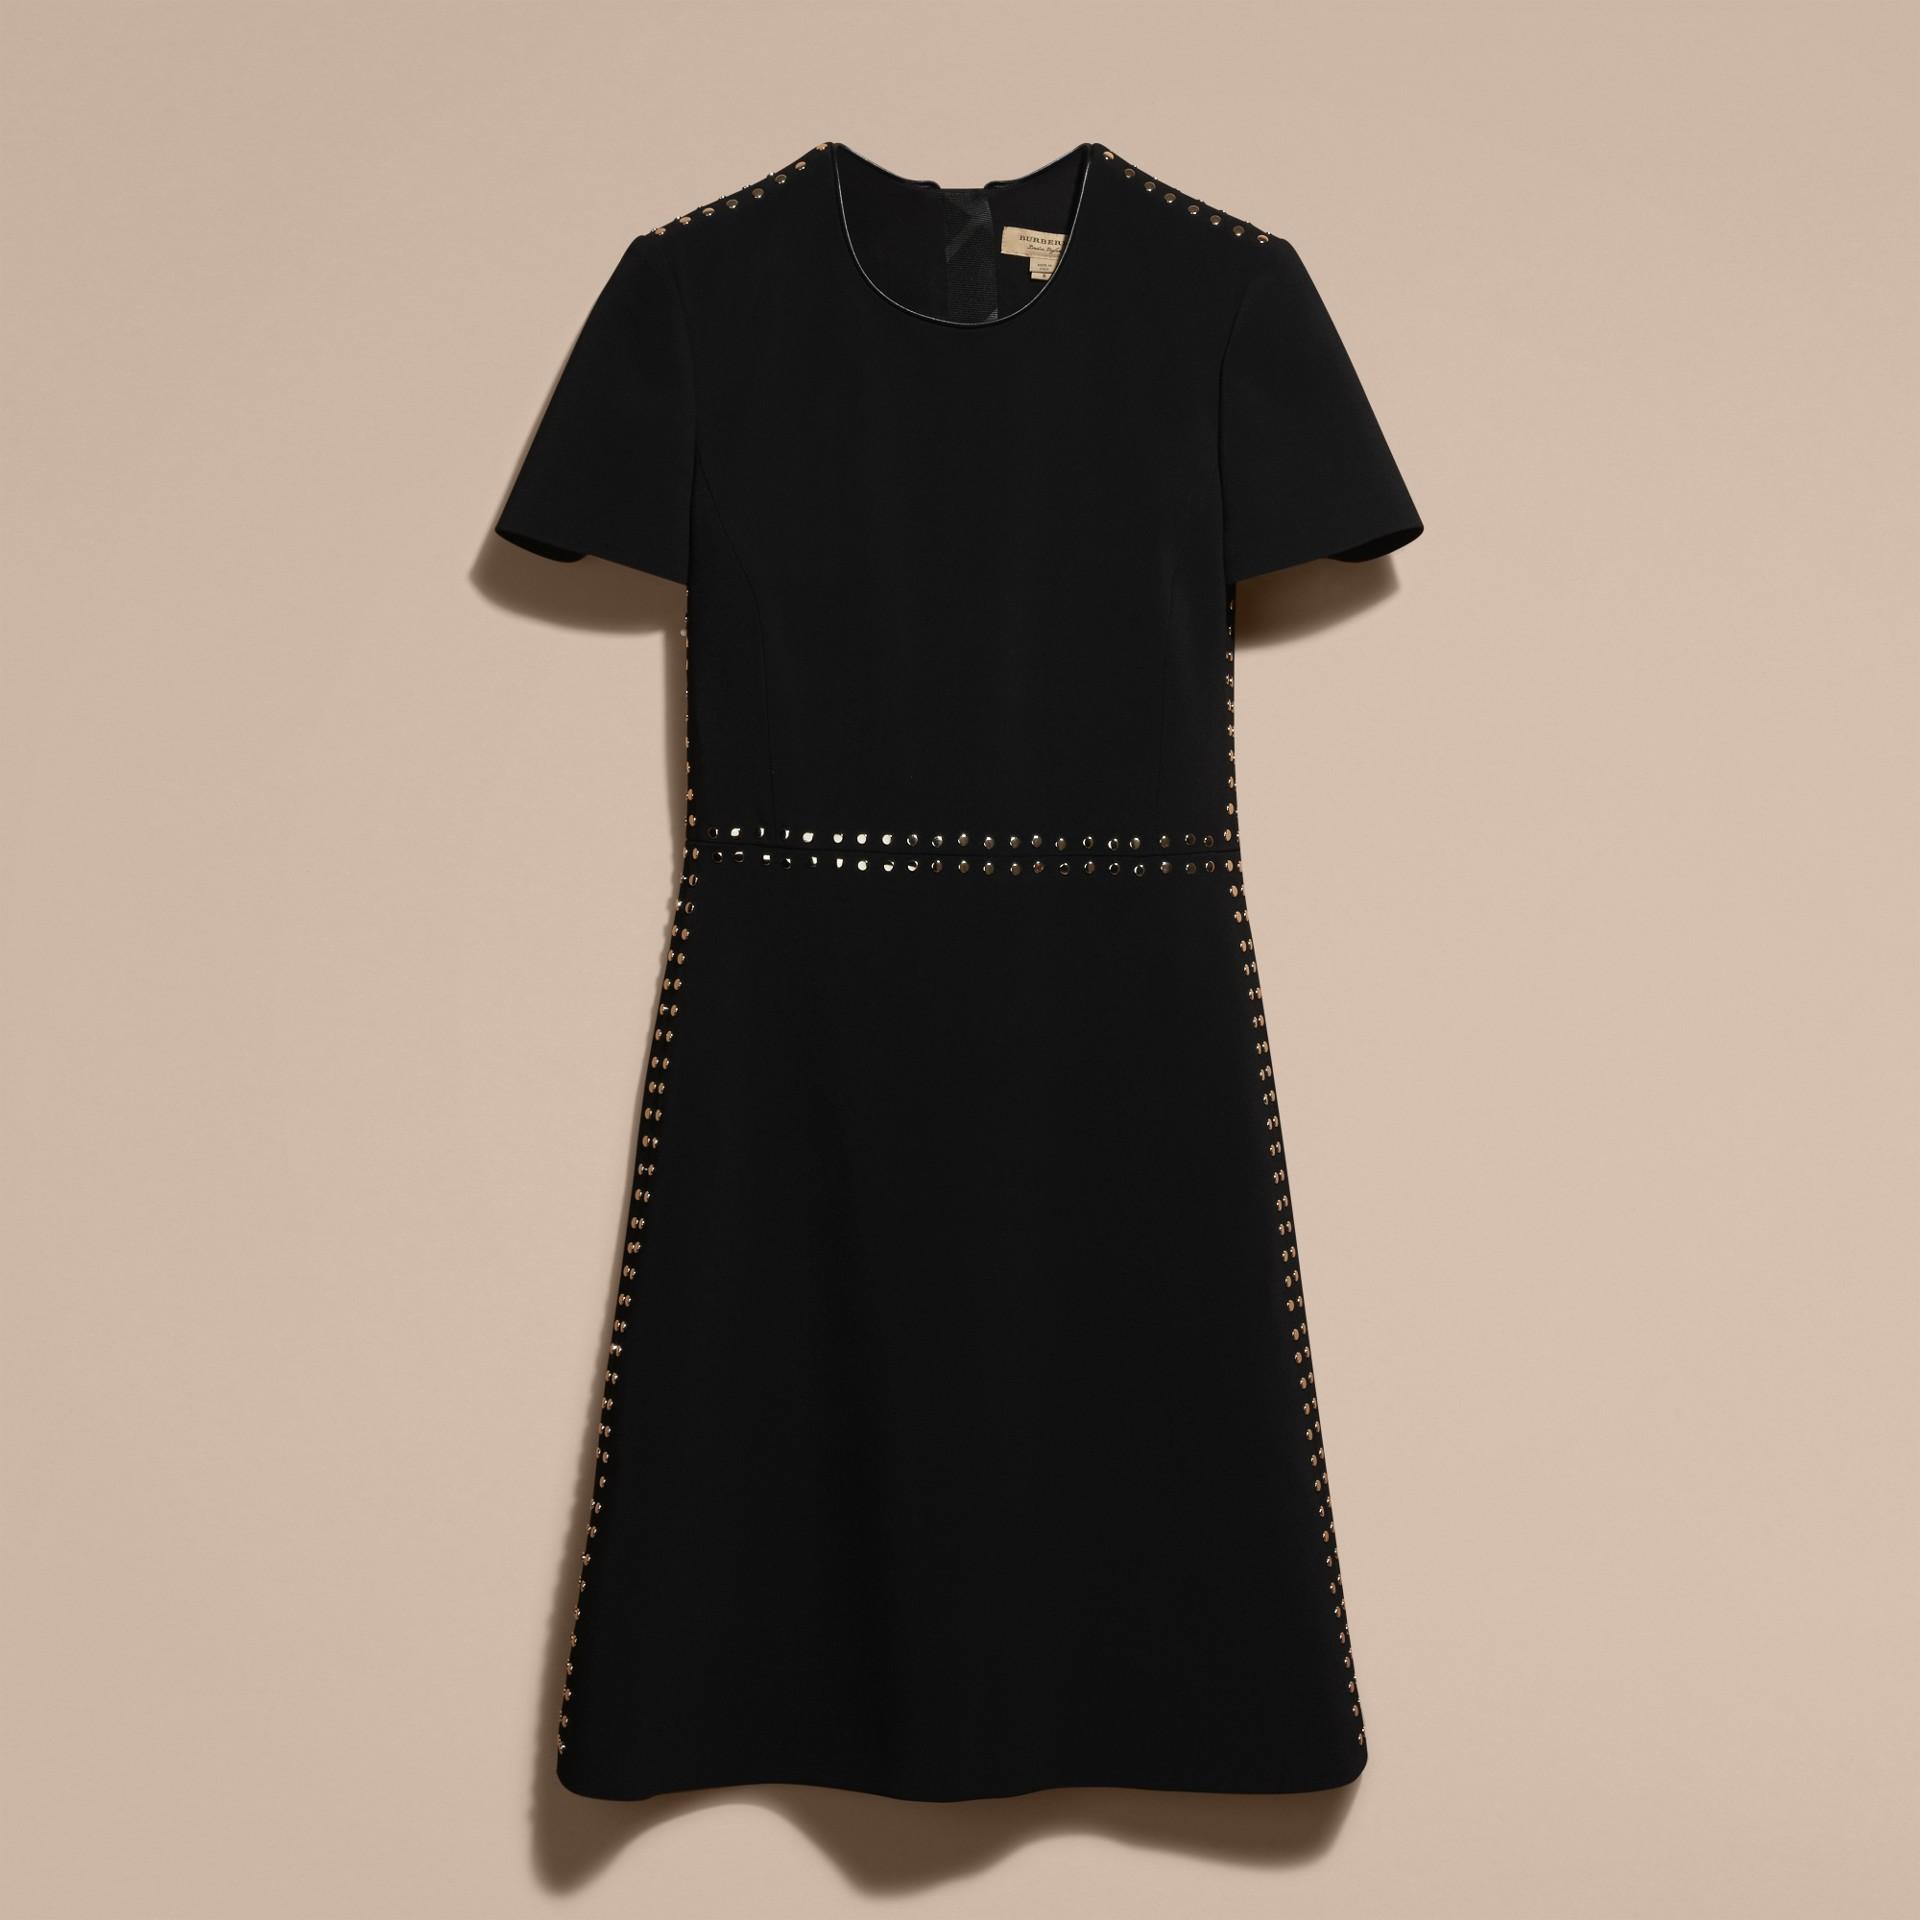 Preto Vestido tubinho ajustado com botões de pressão - galeria de imagens 4